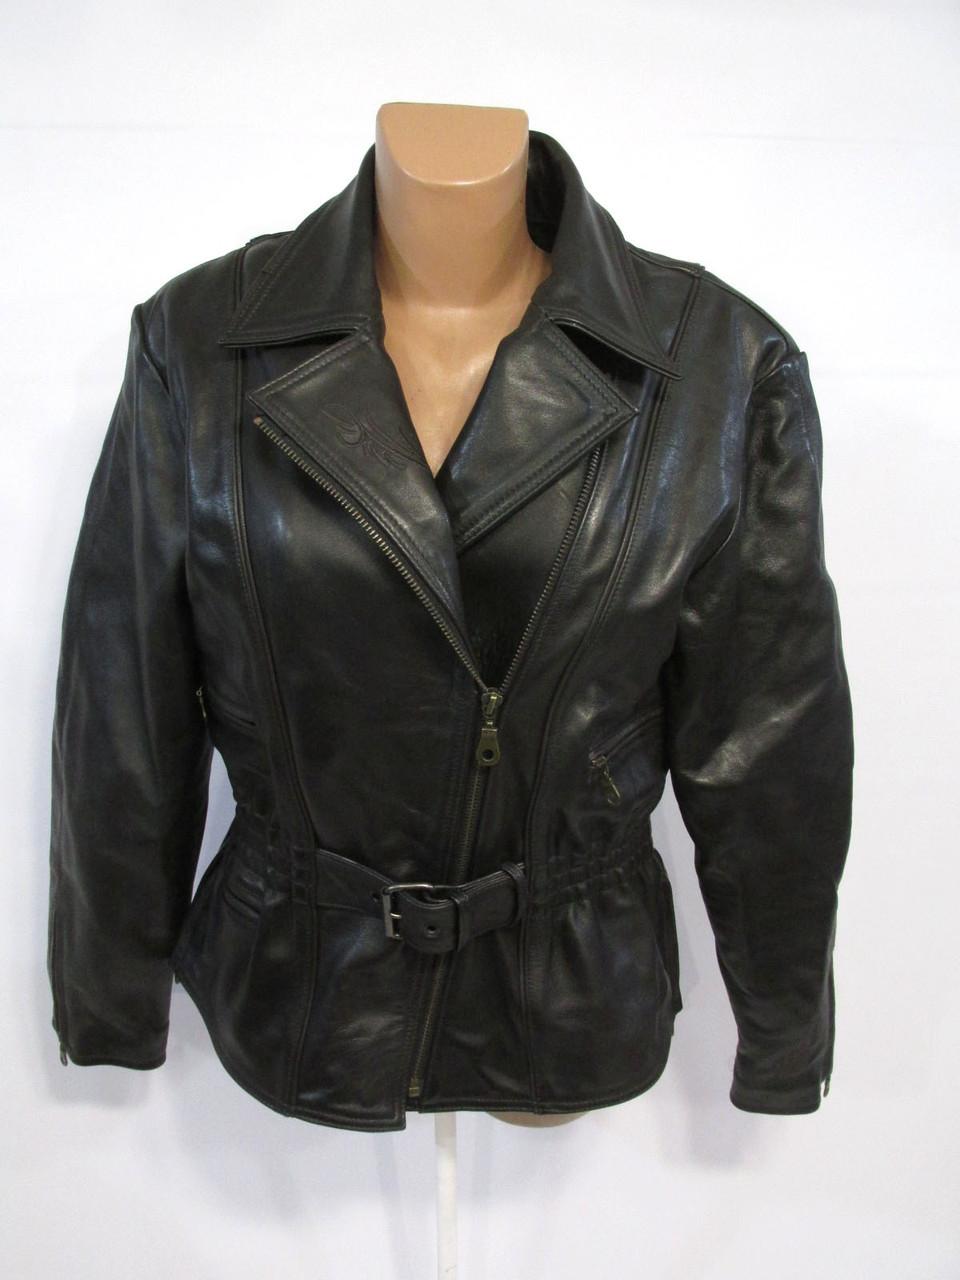 Куртка кожаная High Way, Мотокуртка, с защитой. 44 (L, 16), Качество,